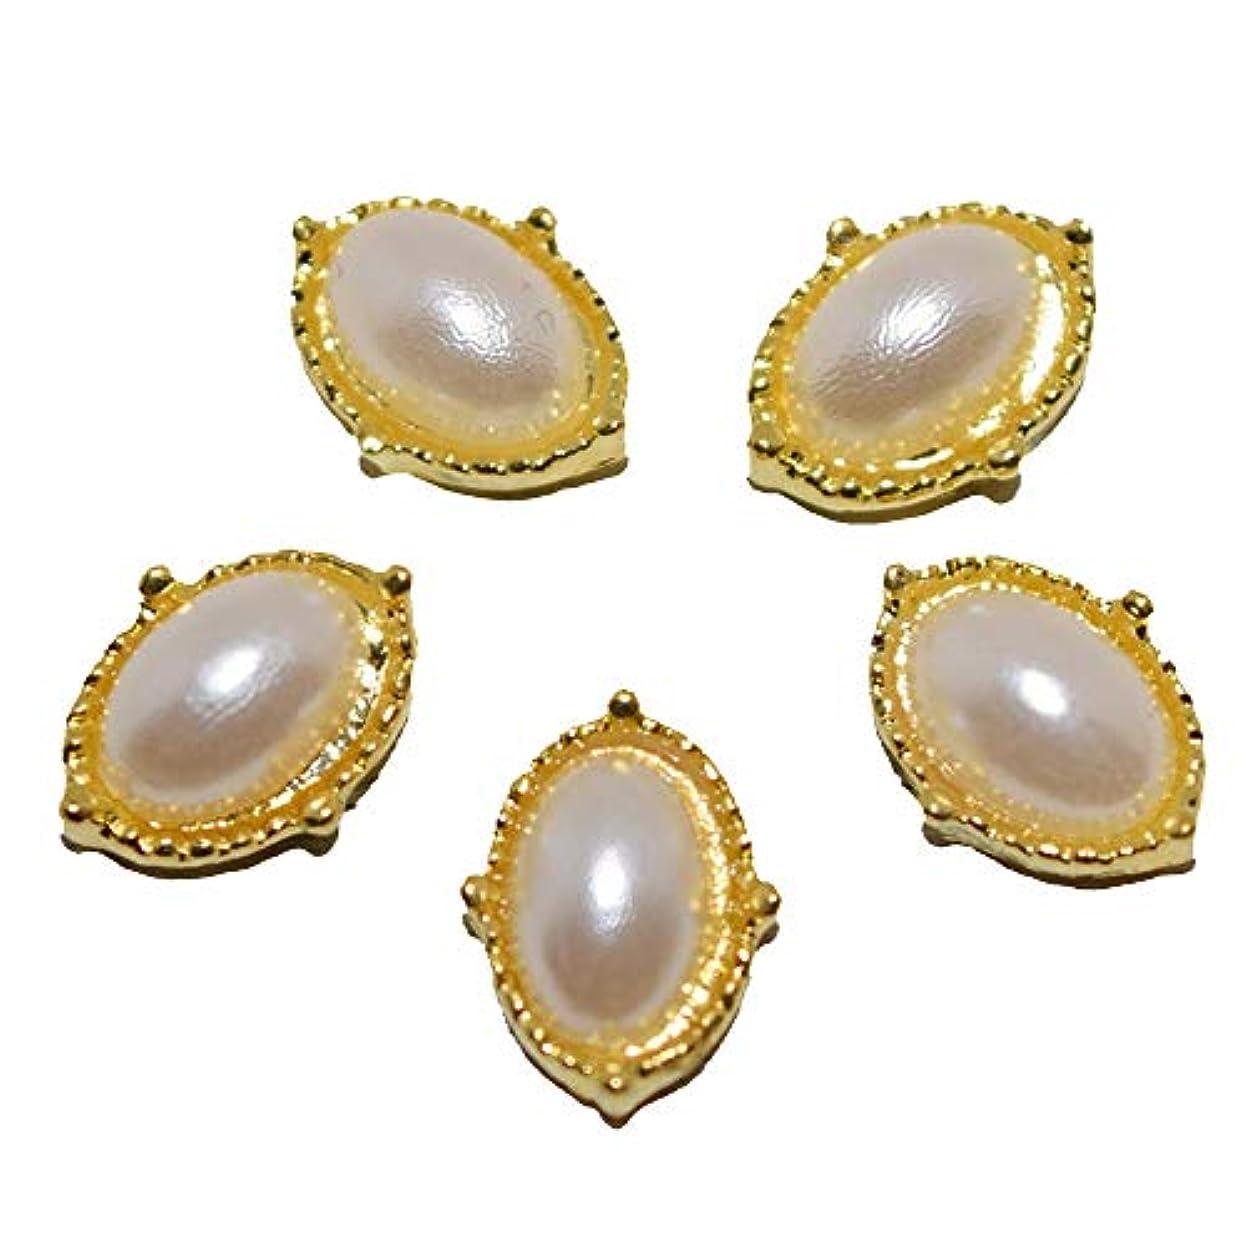 ステープル目覚める針10個入り金馬の目の真珠3Dネイルアートの装飾合金ネイルチャームネイルズラインストーン用品